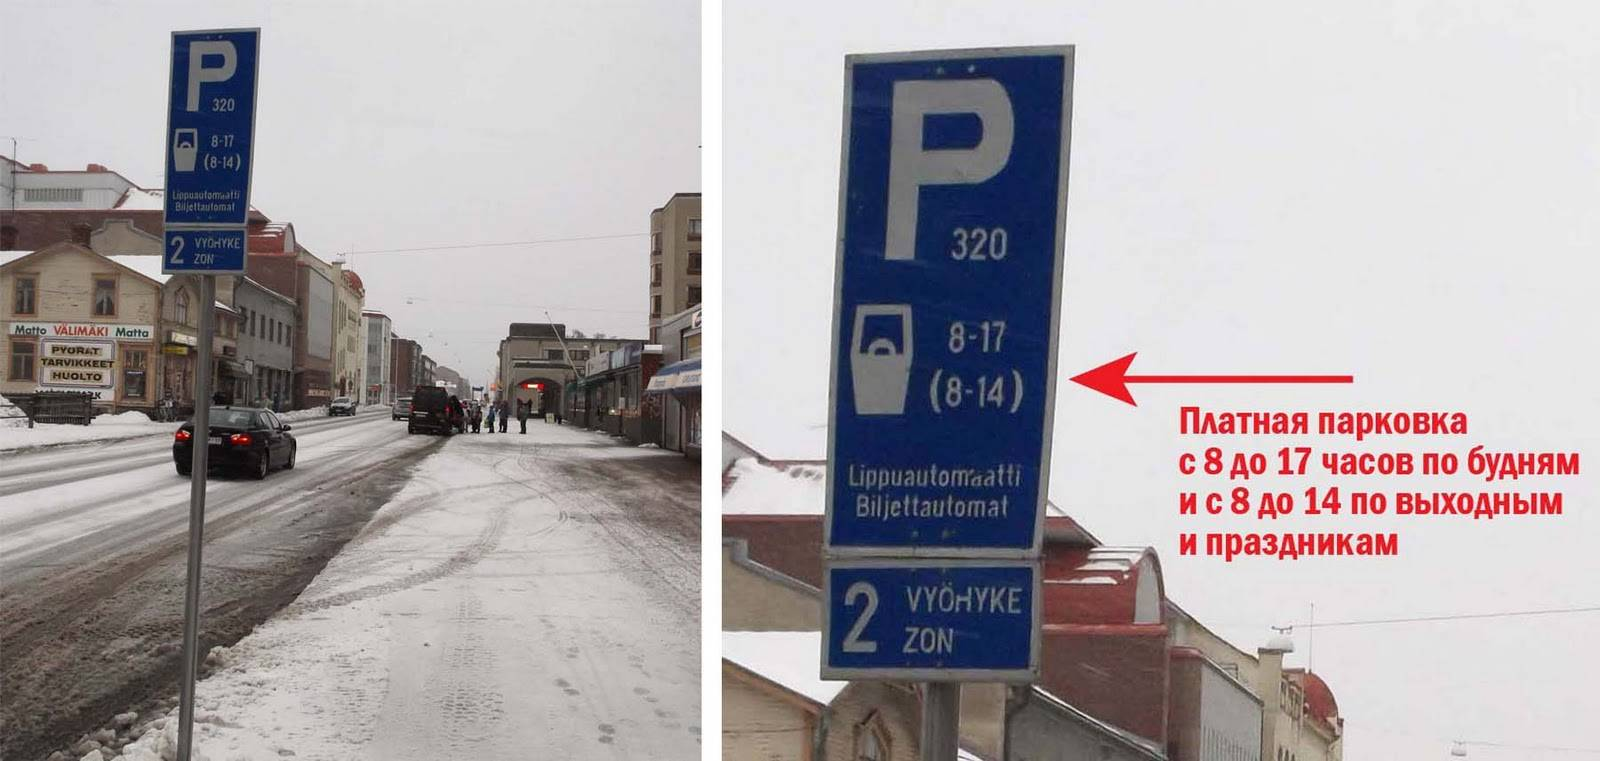 Парковка в хельсинки